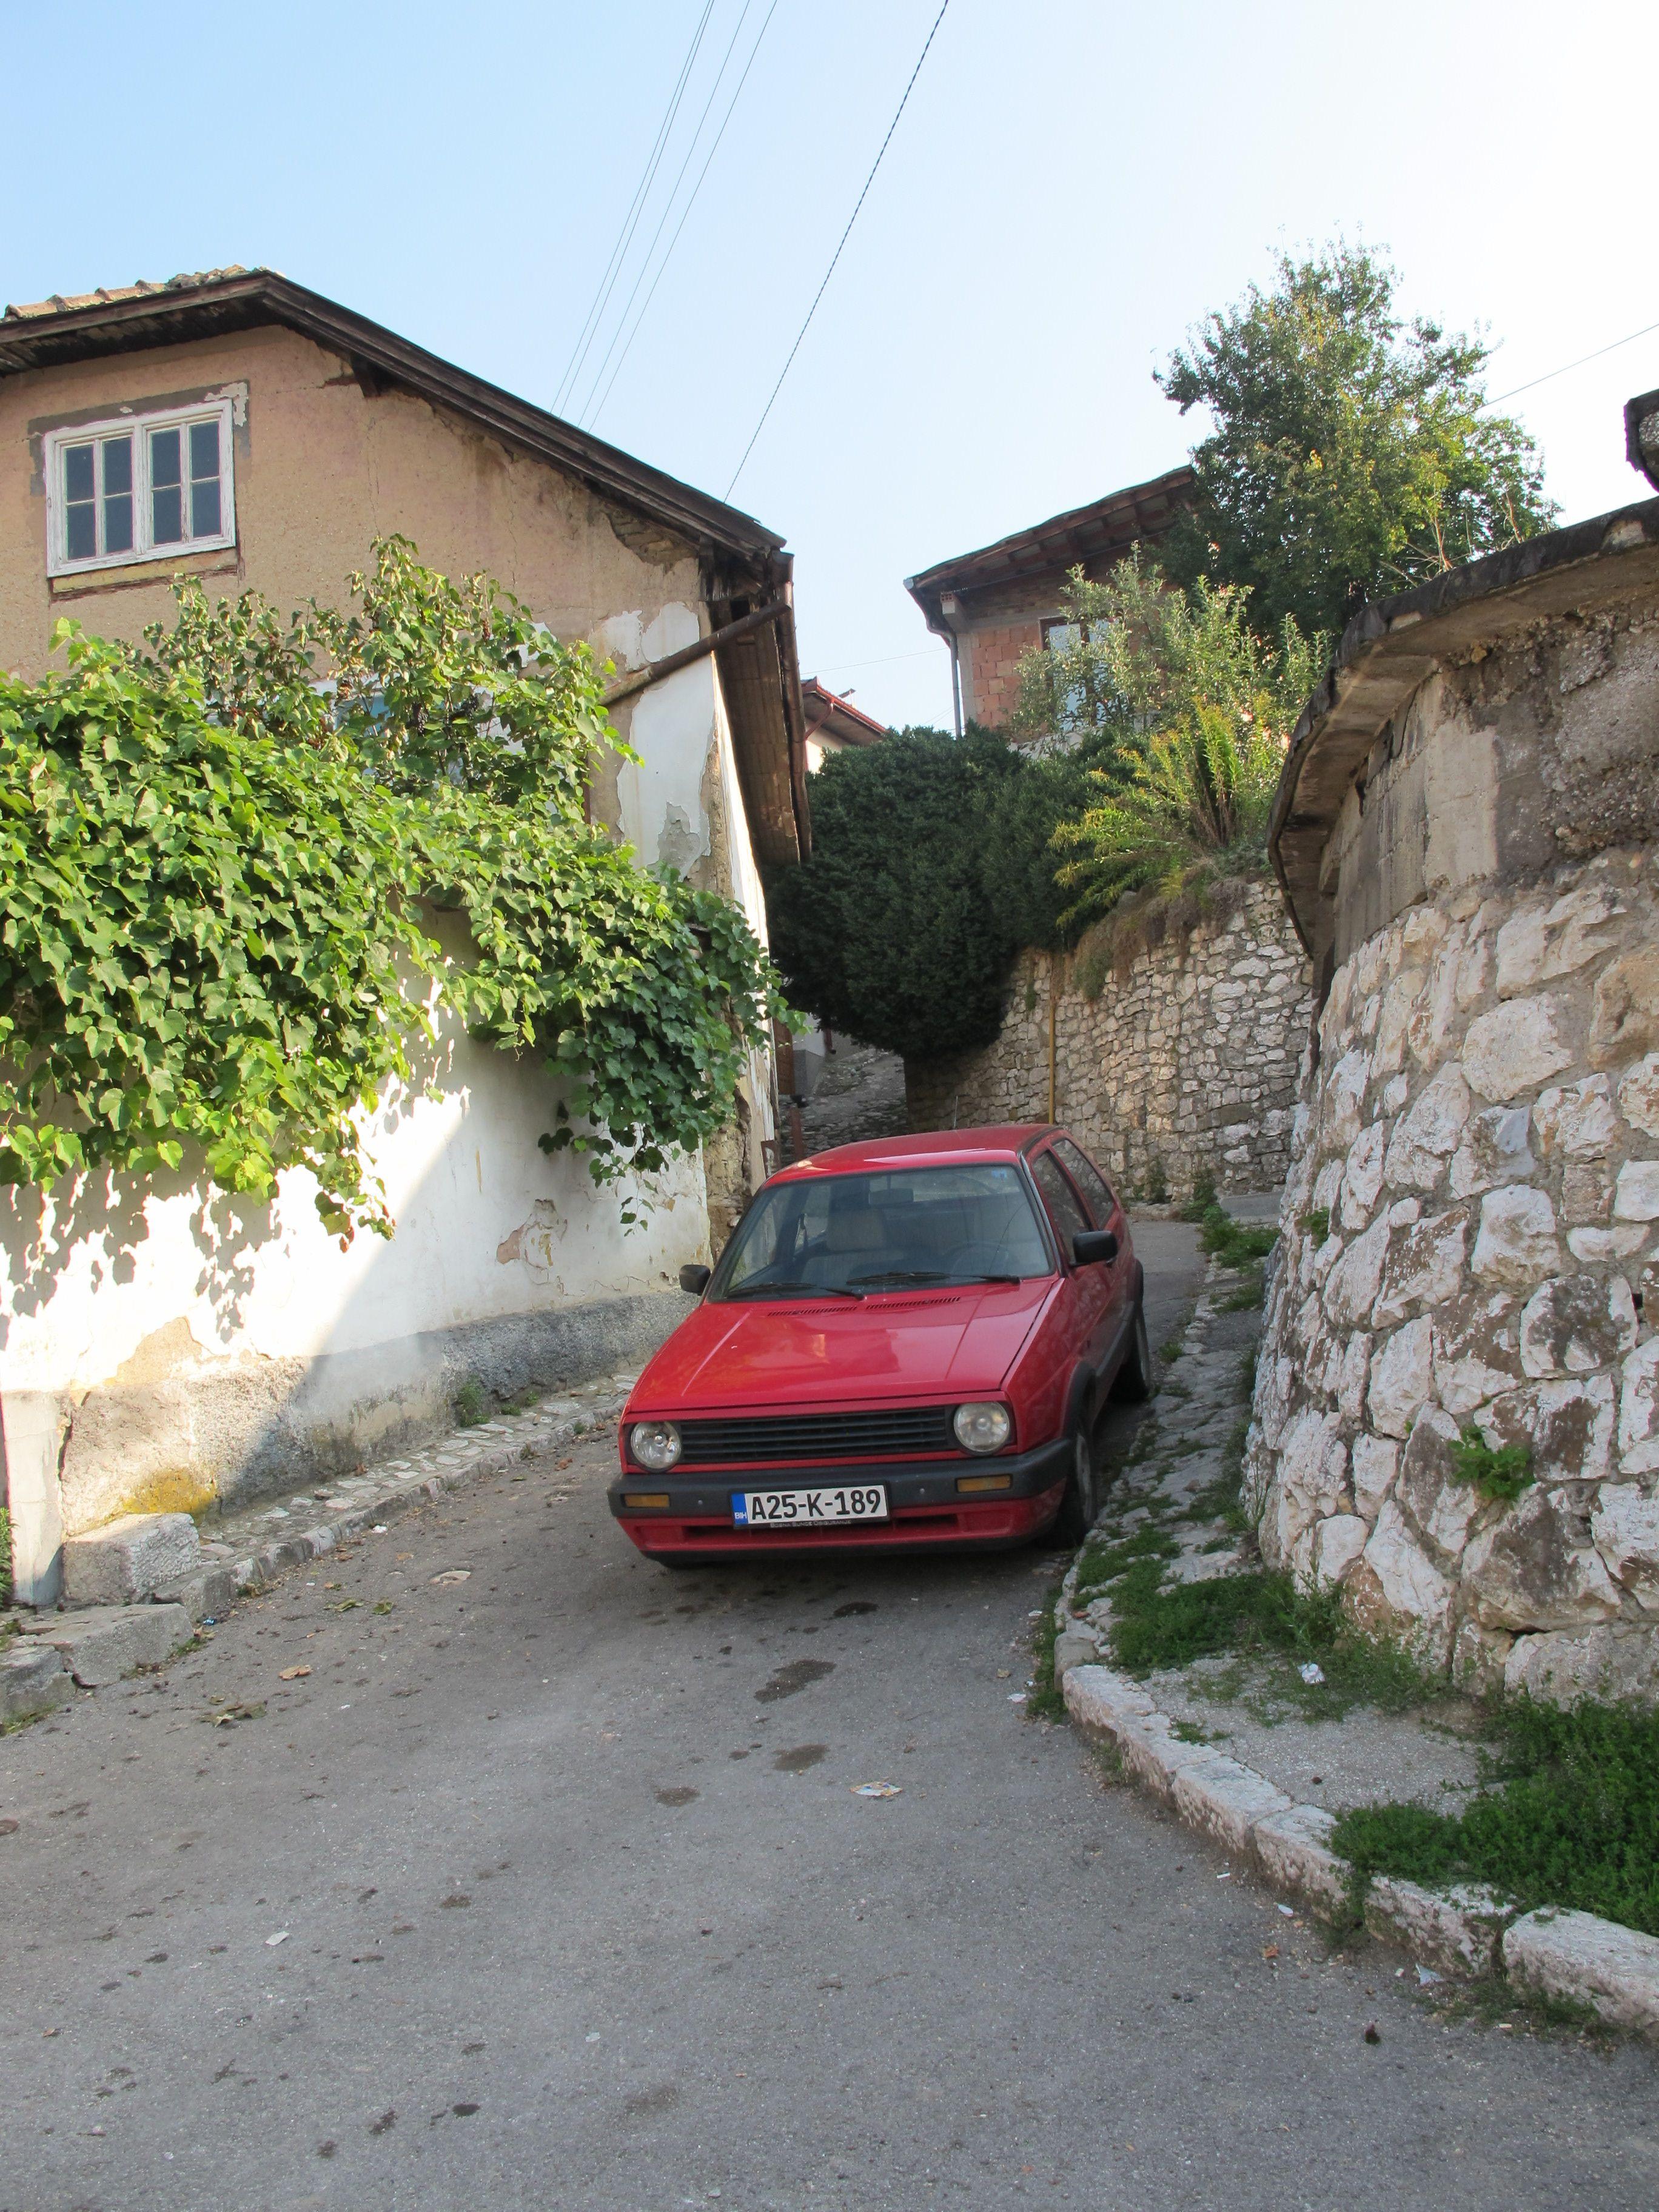 #Sarajevo